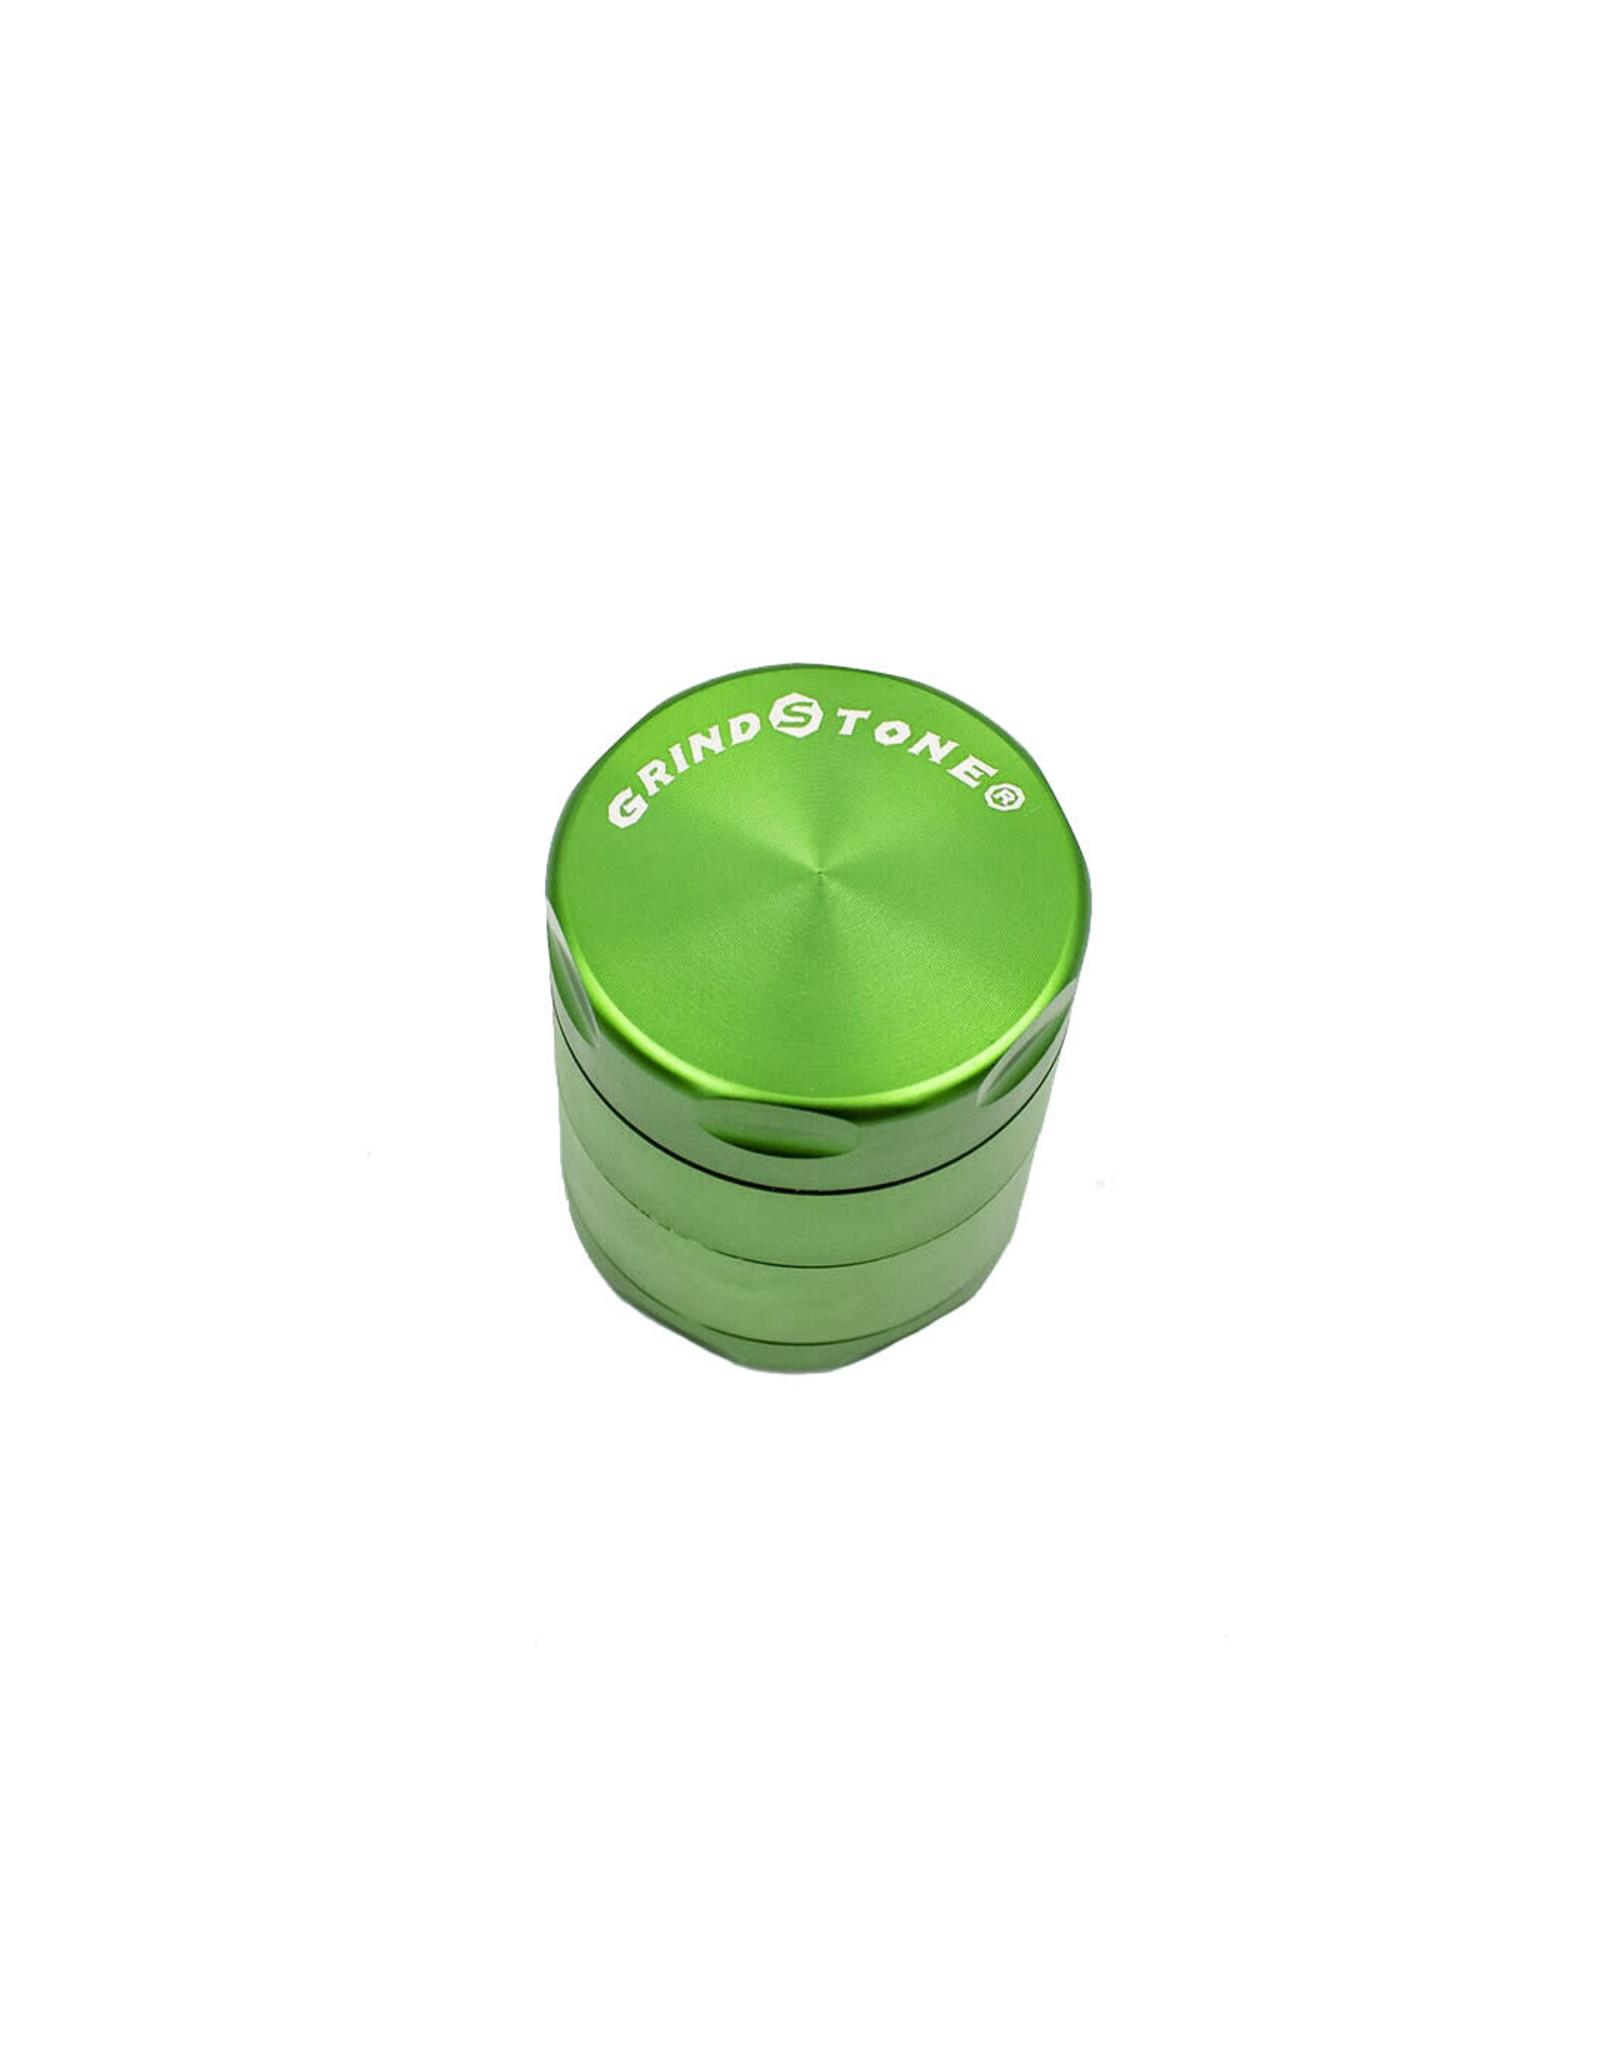 GRIND STONE 4 PCS GRINDER - GREEN